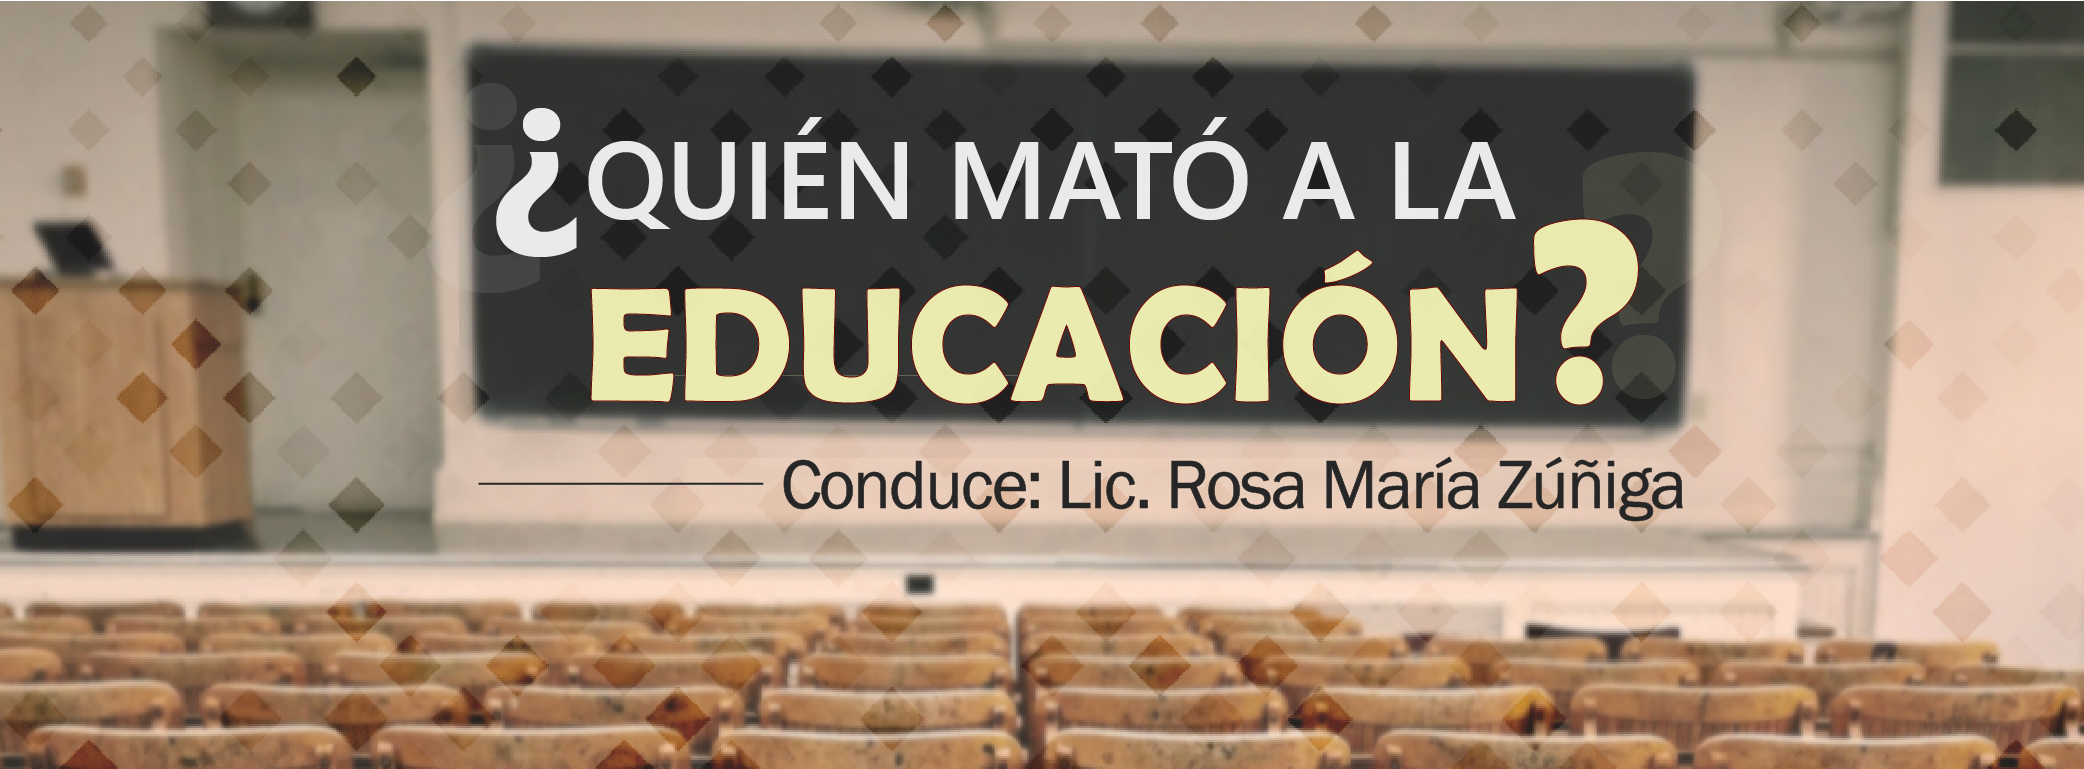 ¿Quién mató a la educación?